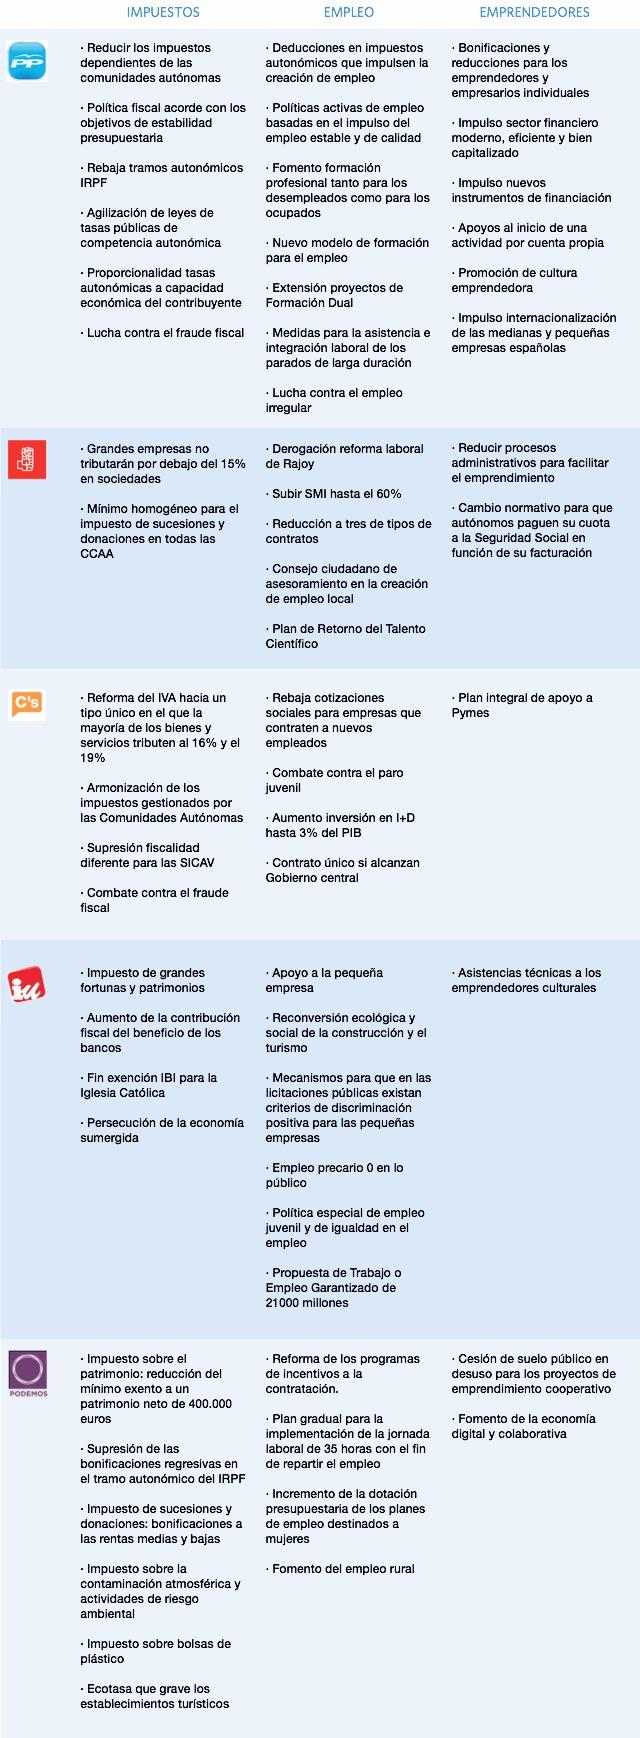 propuestas-economicas2.jpg -